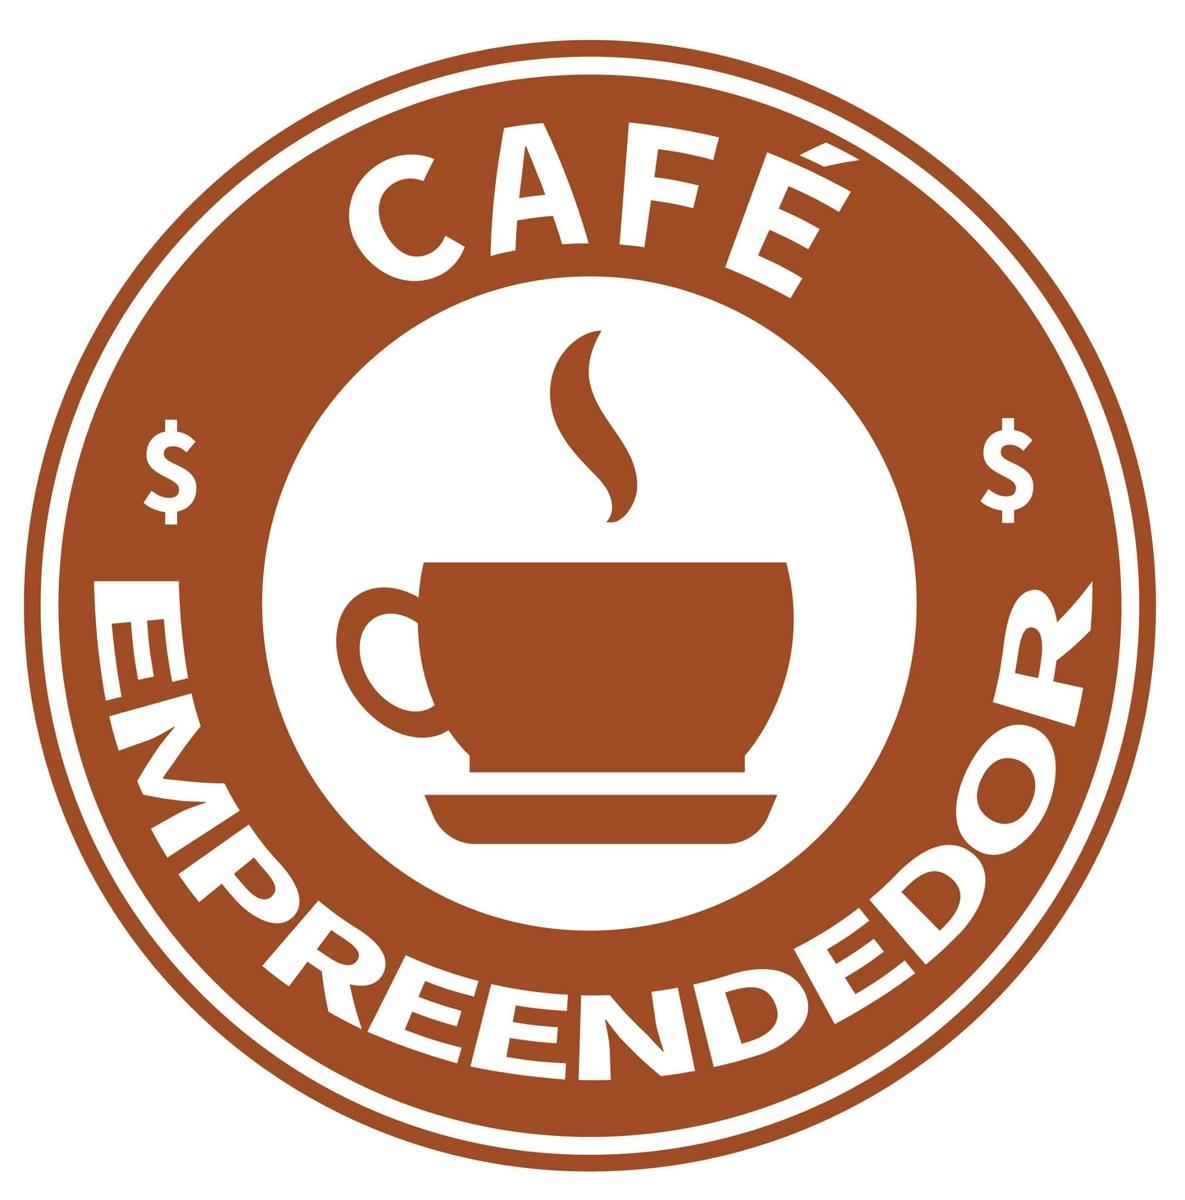 Café-Empreendedor